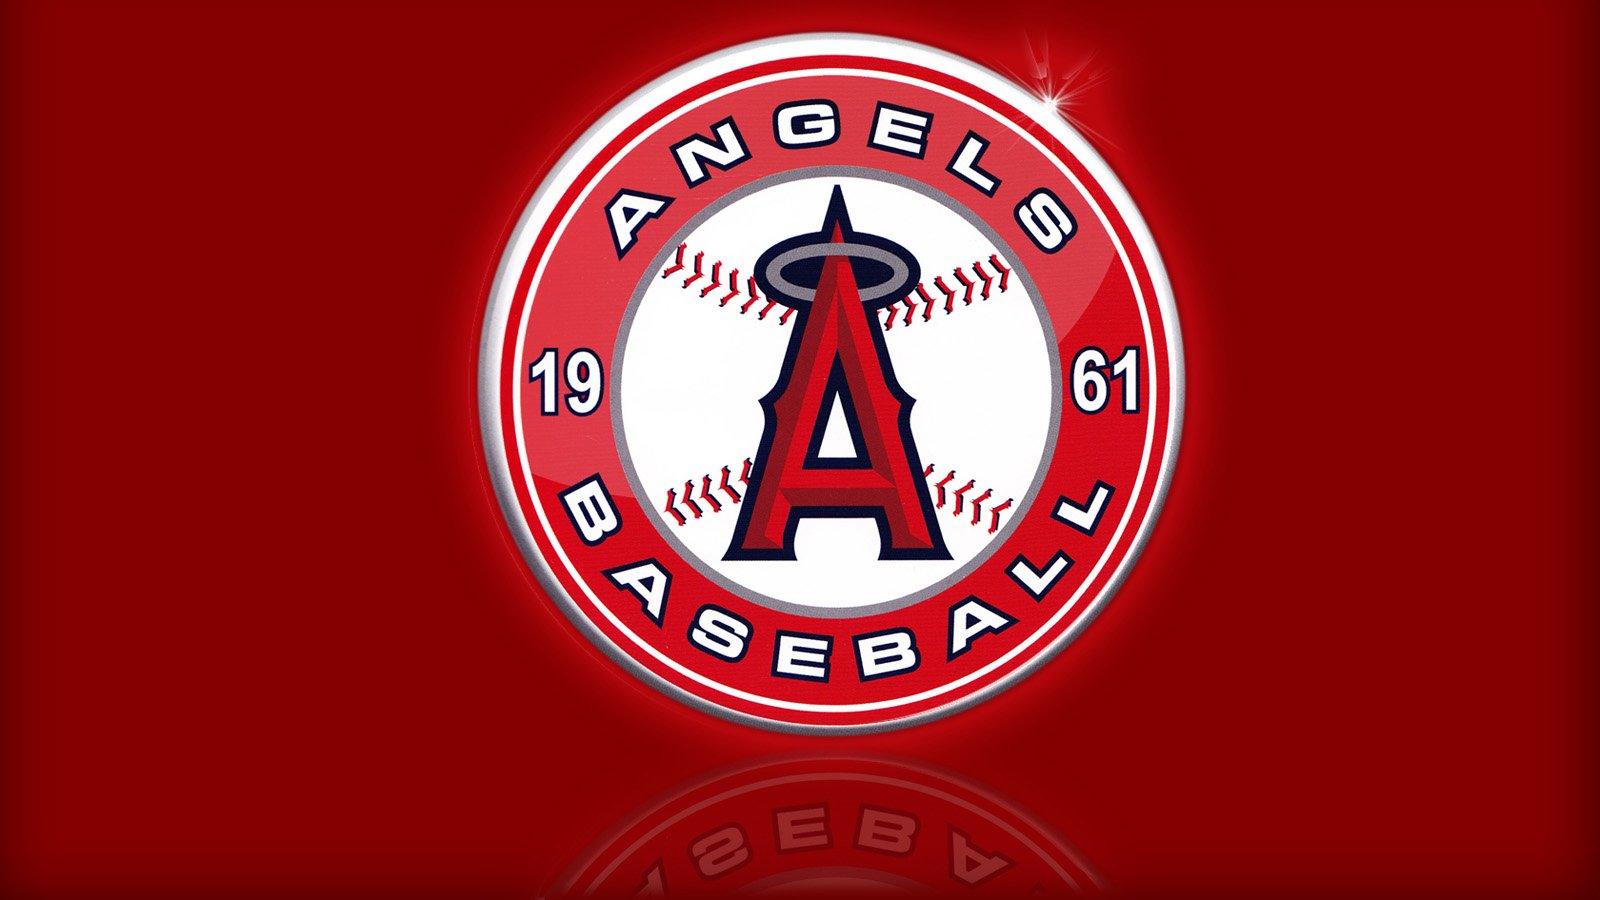 Best Photography Magazines - m Angels baseball logo images